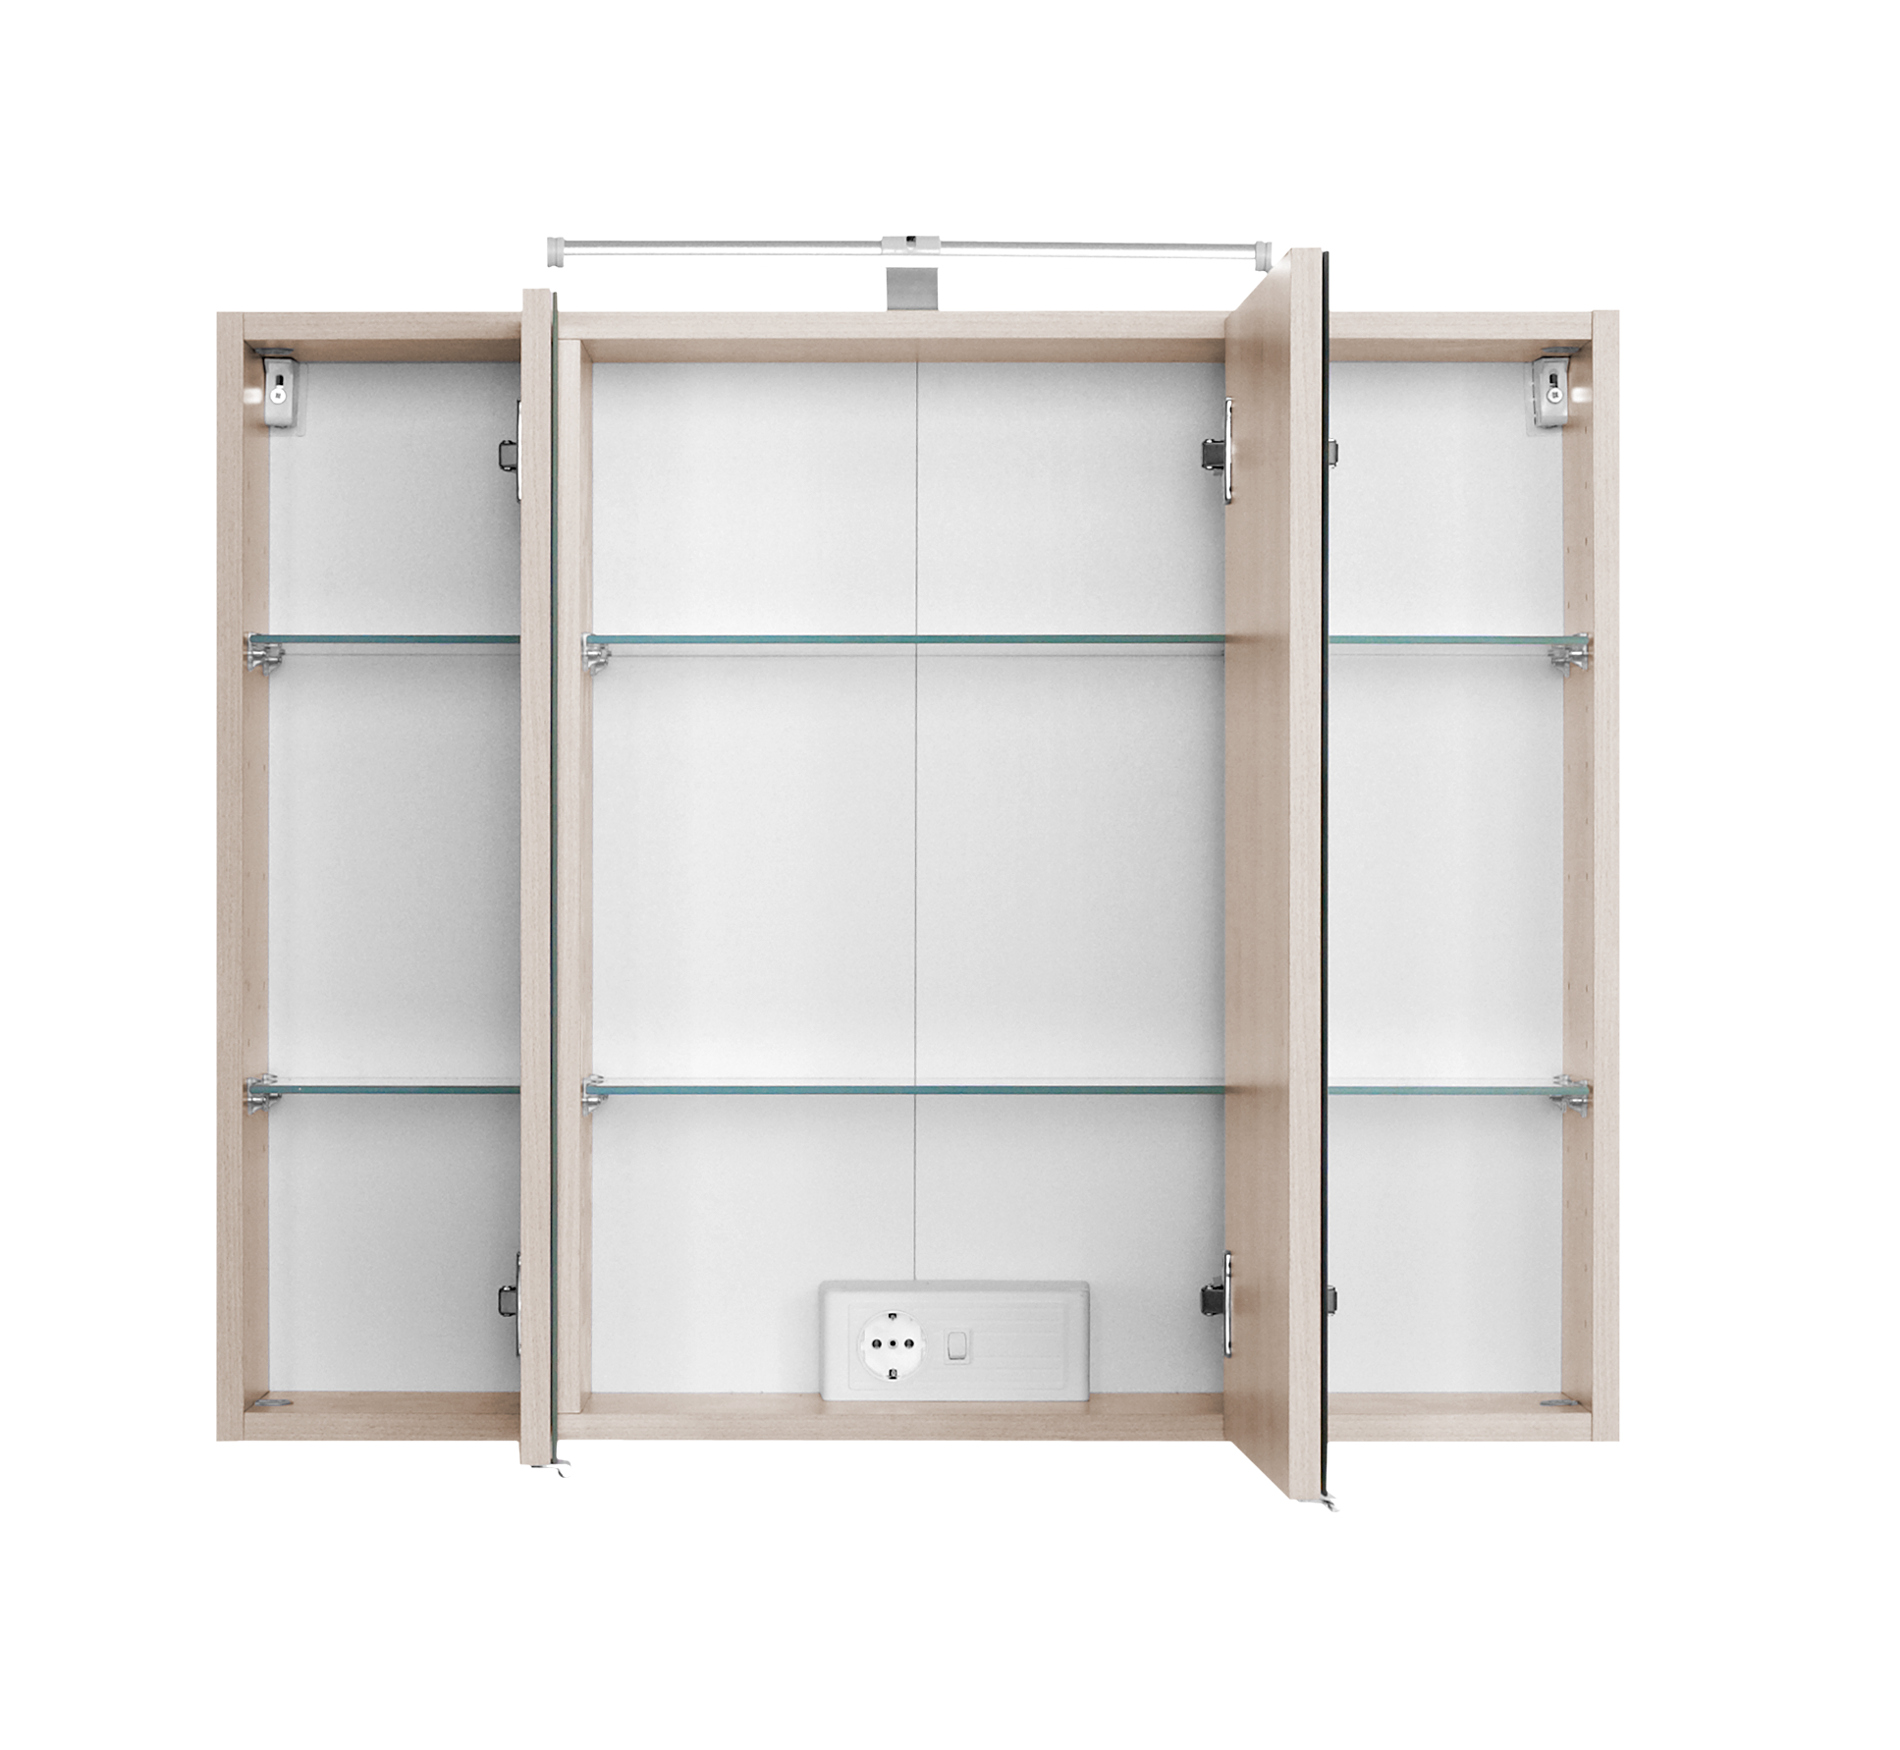 bad spiegelschrank 3 t rig mit beleuchtung 80 cm breit buche iconic bad spiegelschr nke. Black Bedroom Furniture Sets. Home Design Ideas